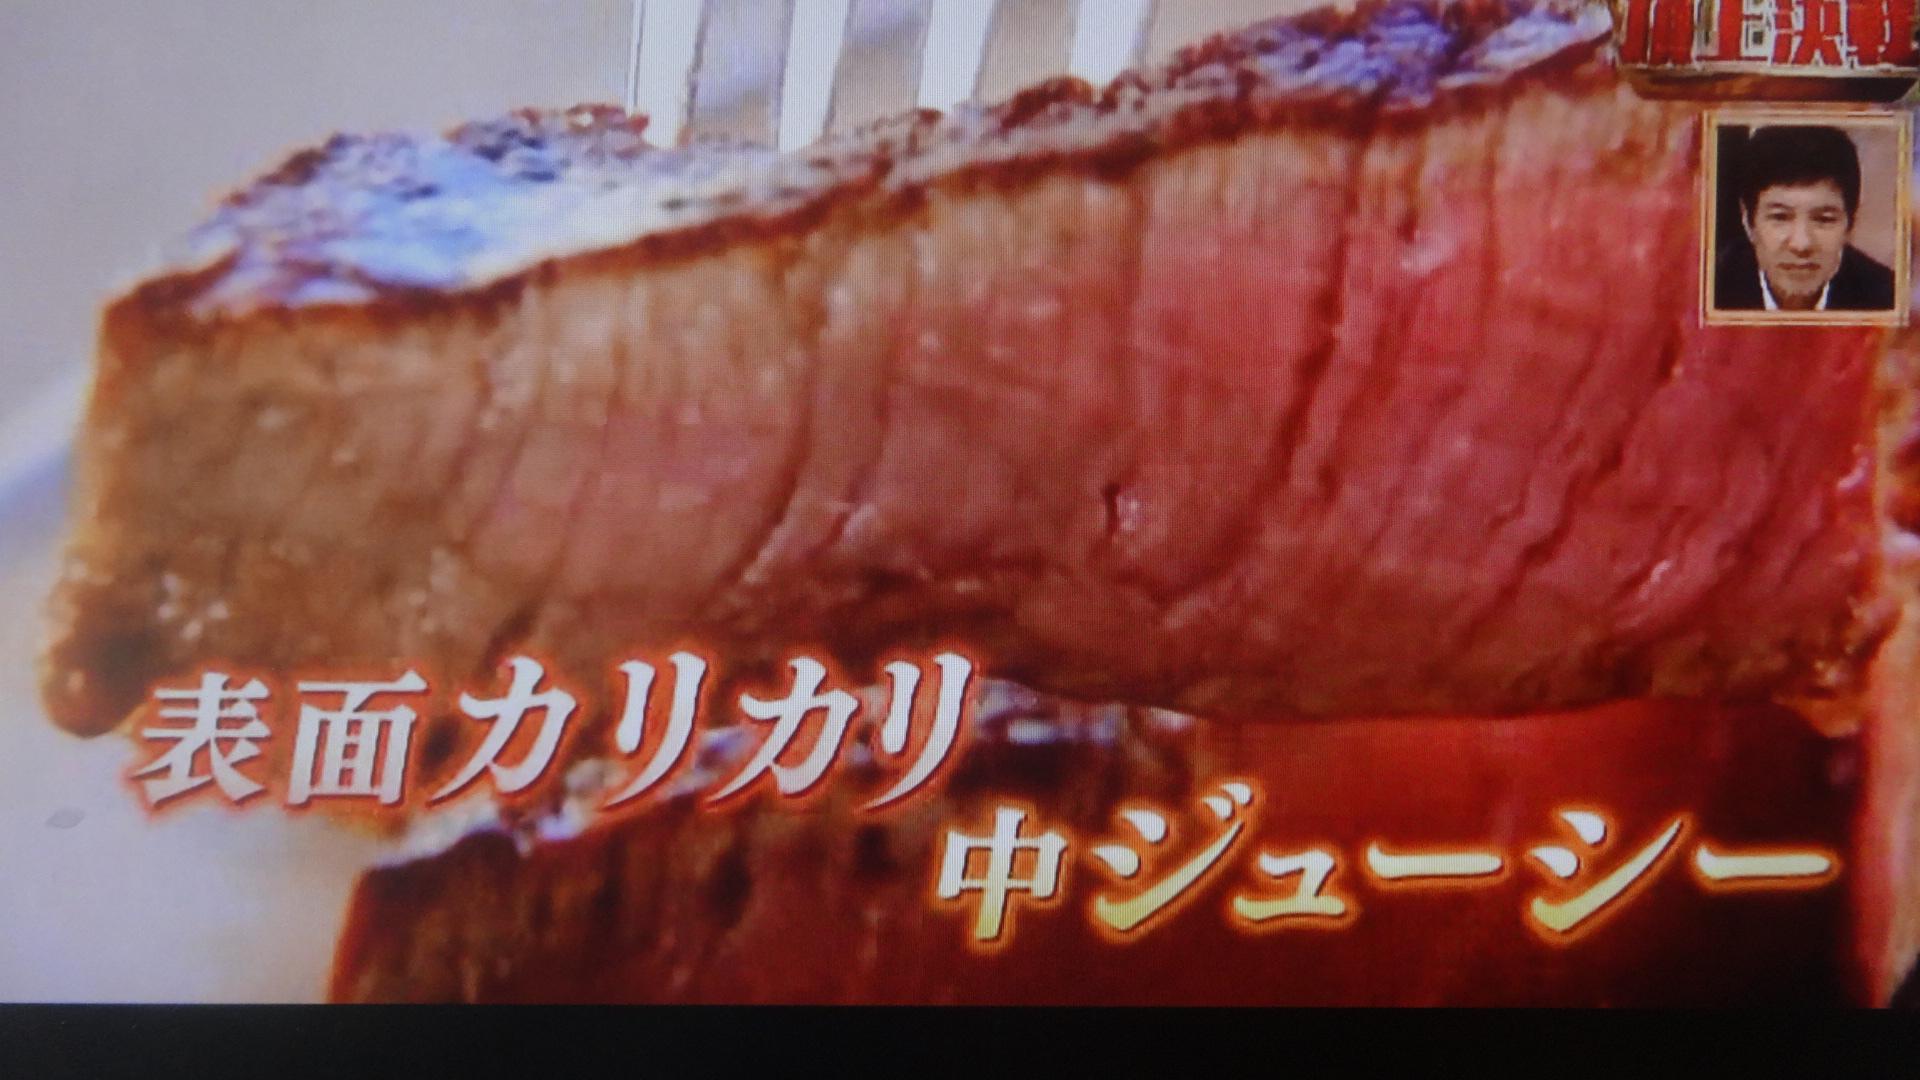 表面カリカリ 中身ジューシーなステーキ